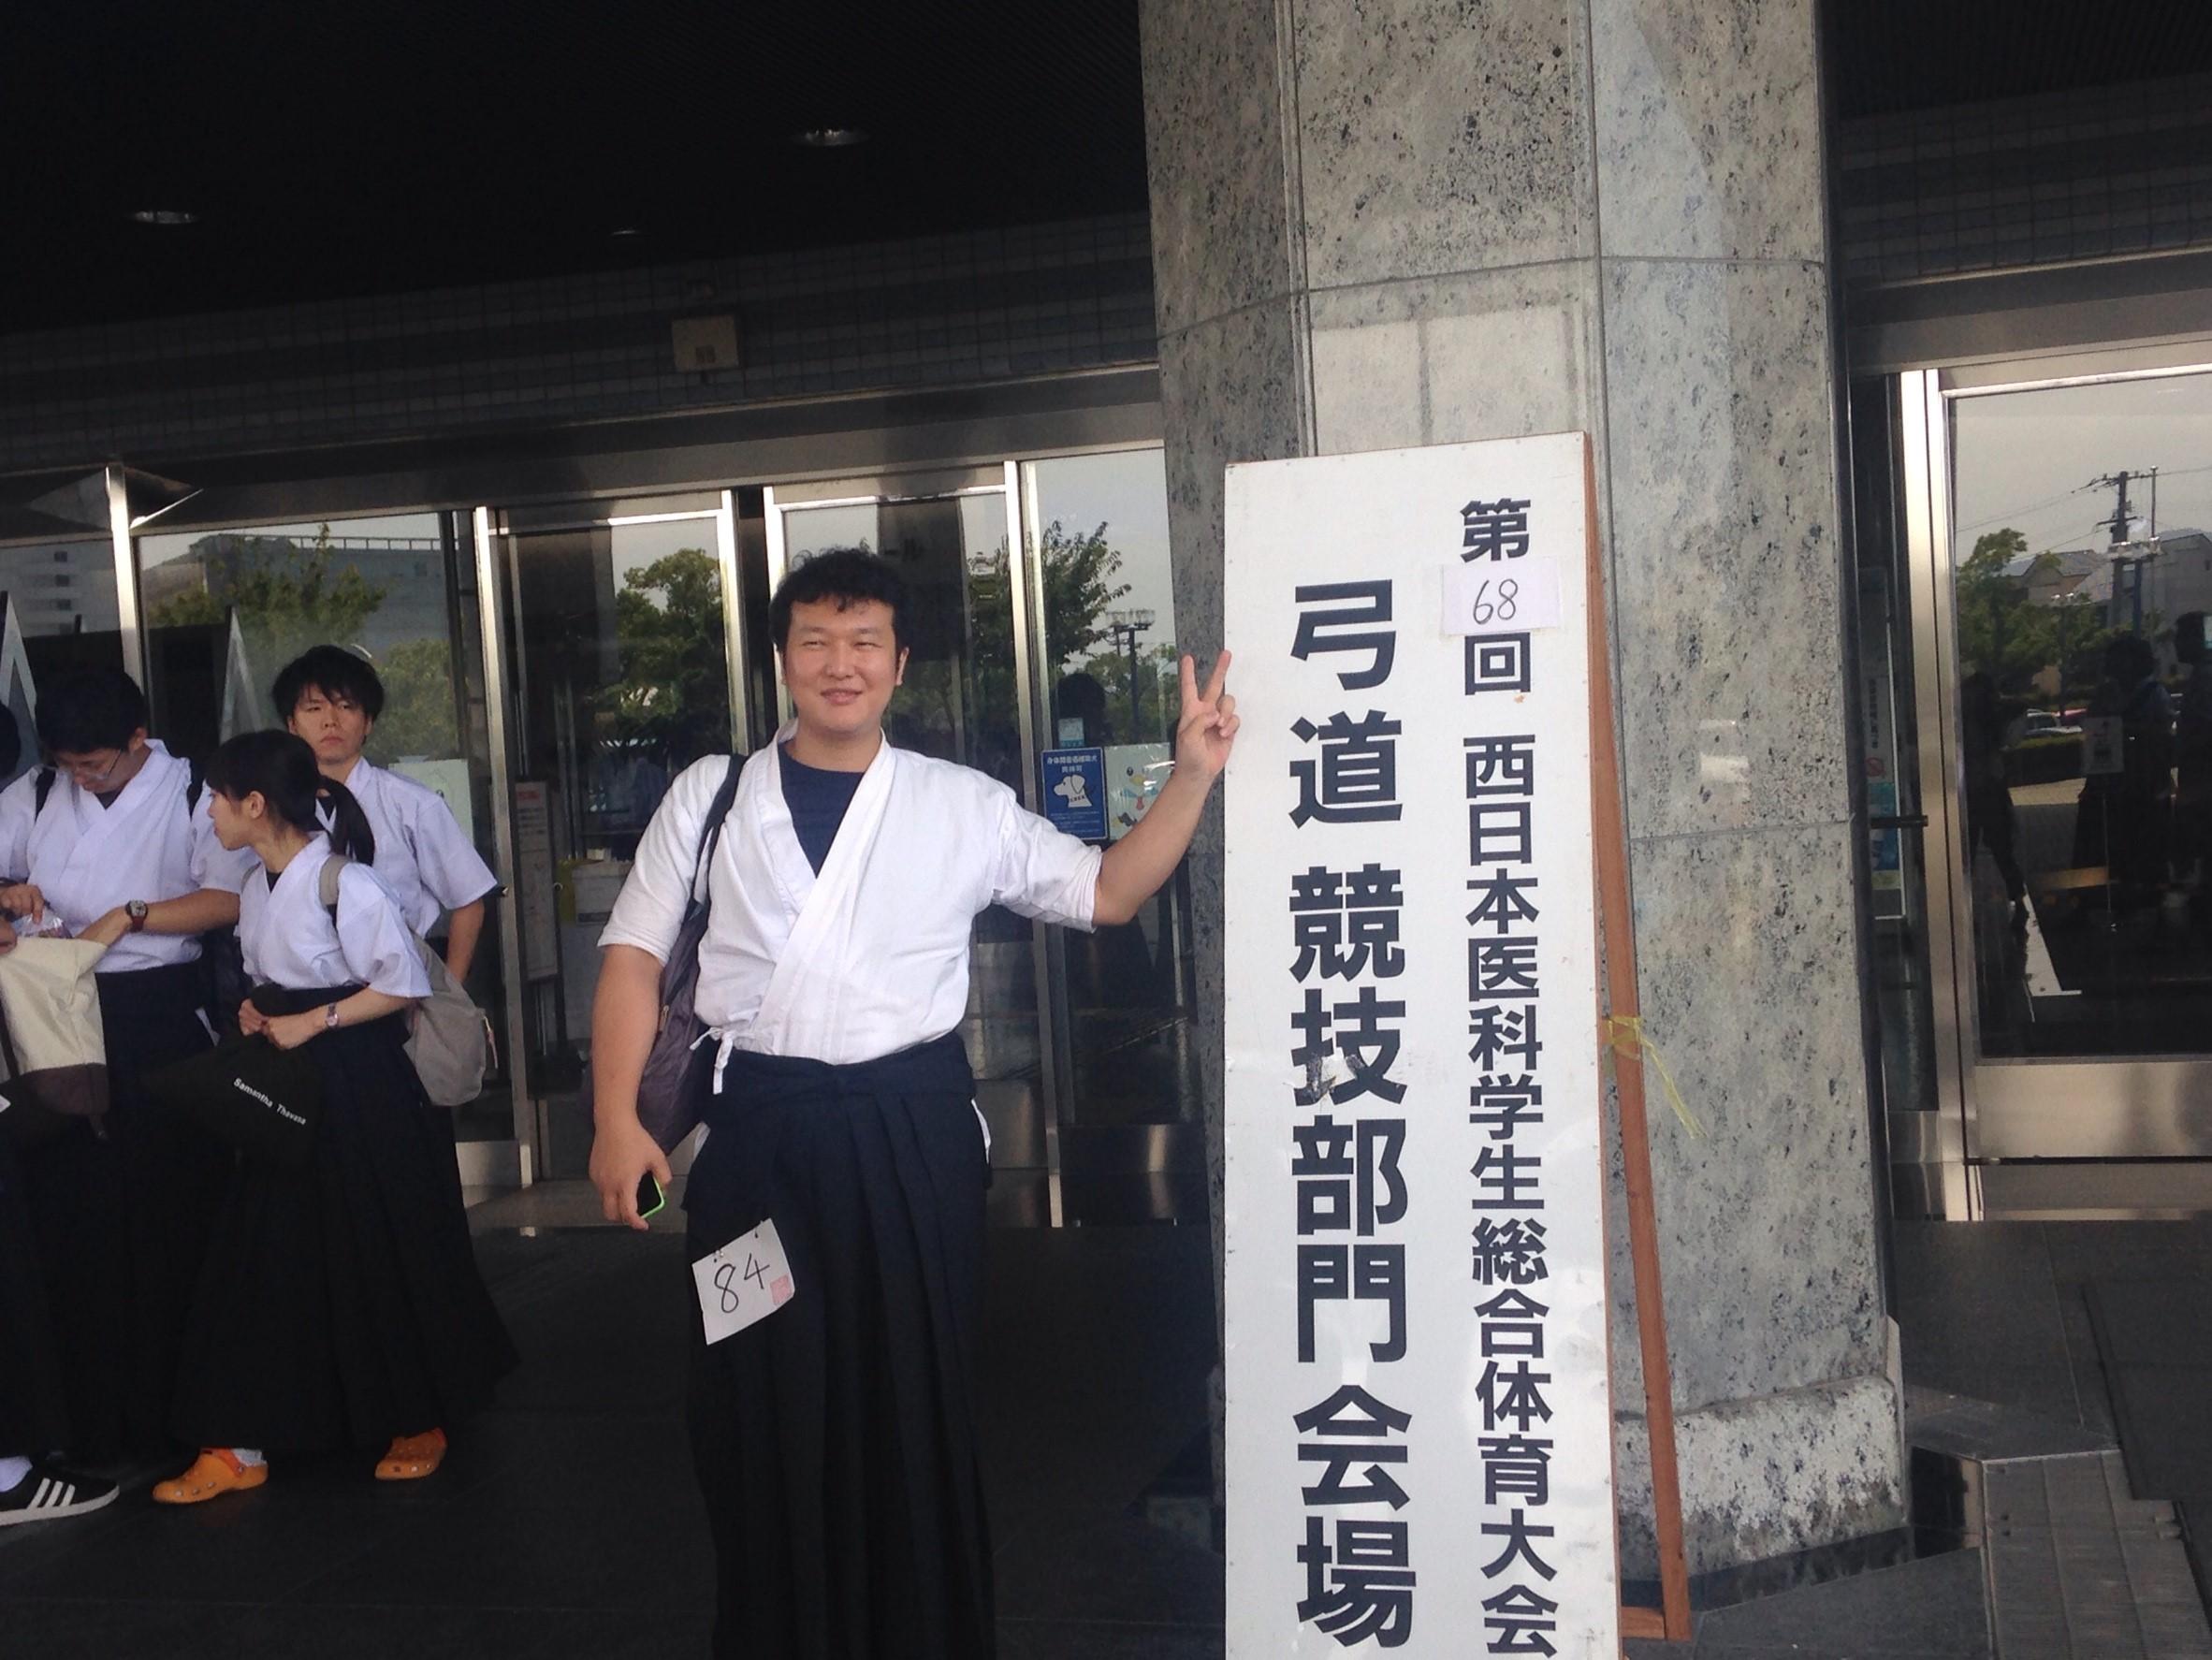 2016_西医体 in徳島_318 (15)